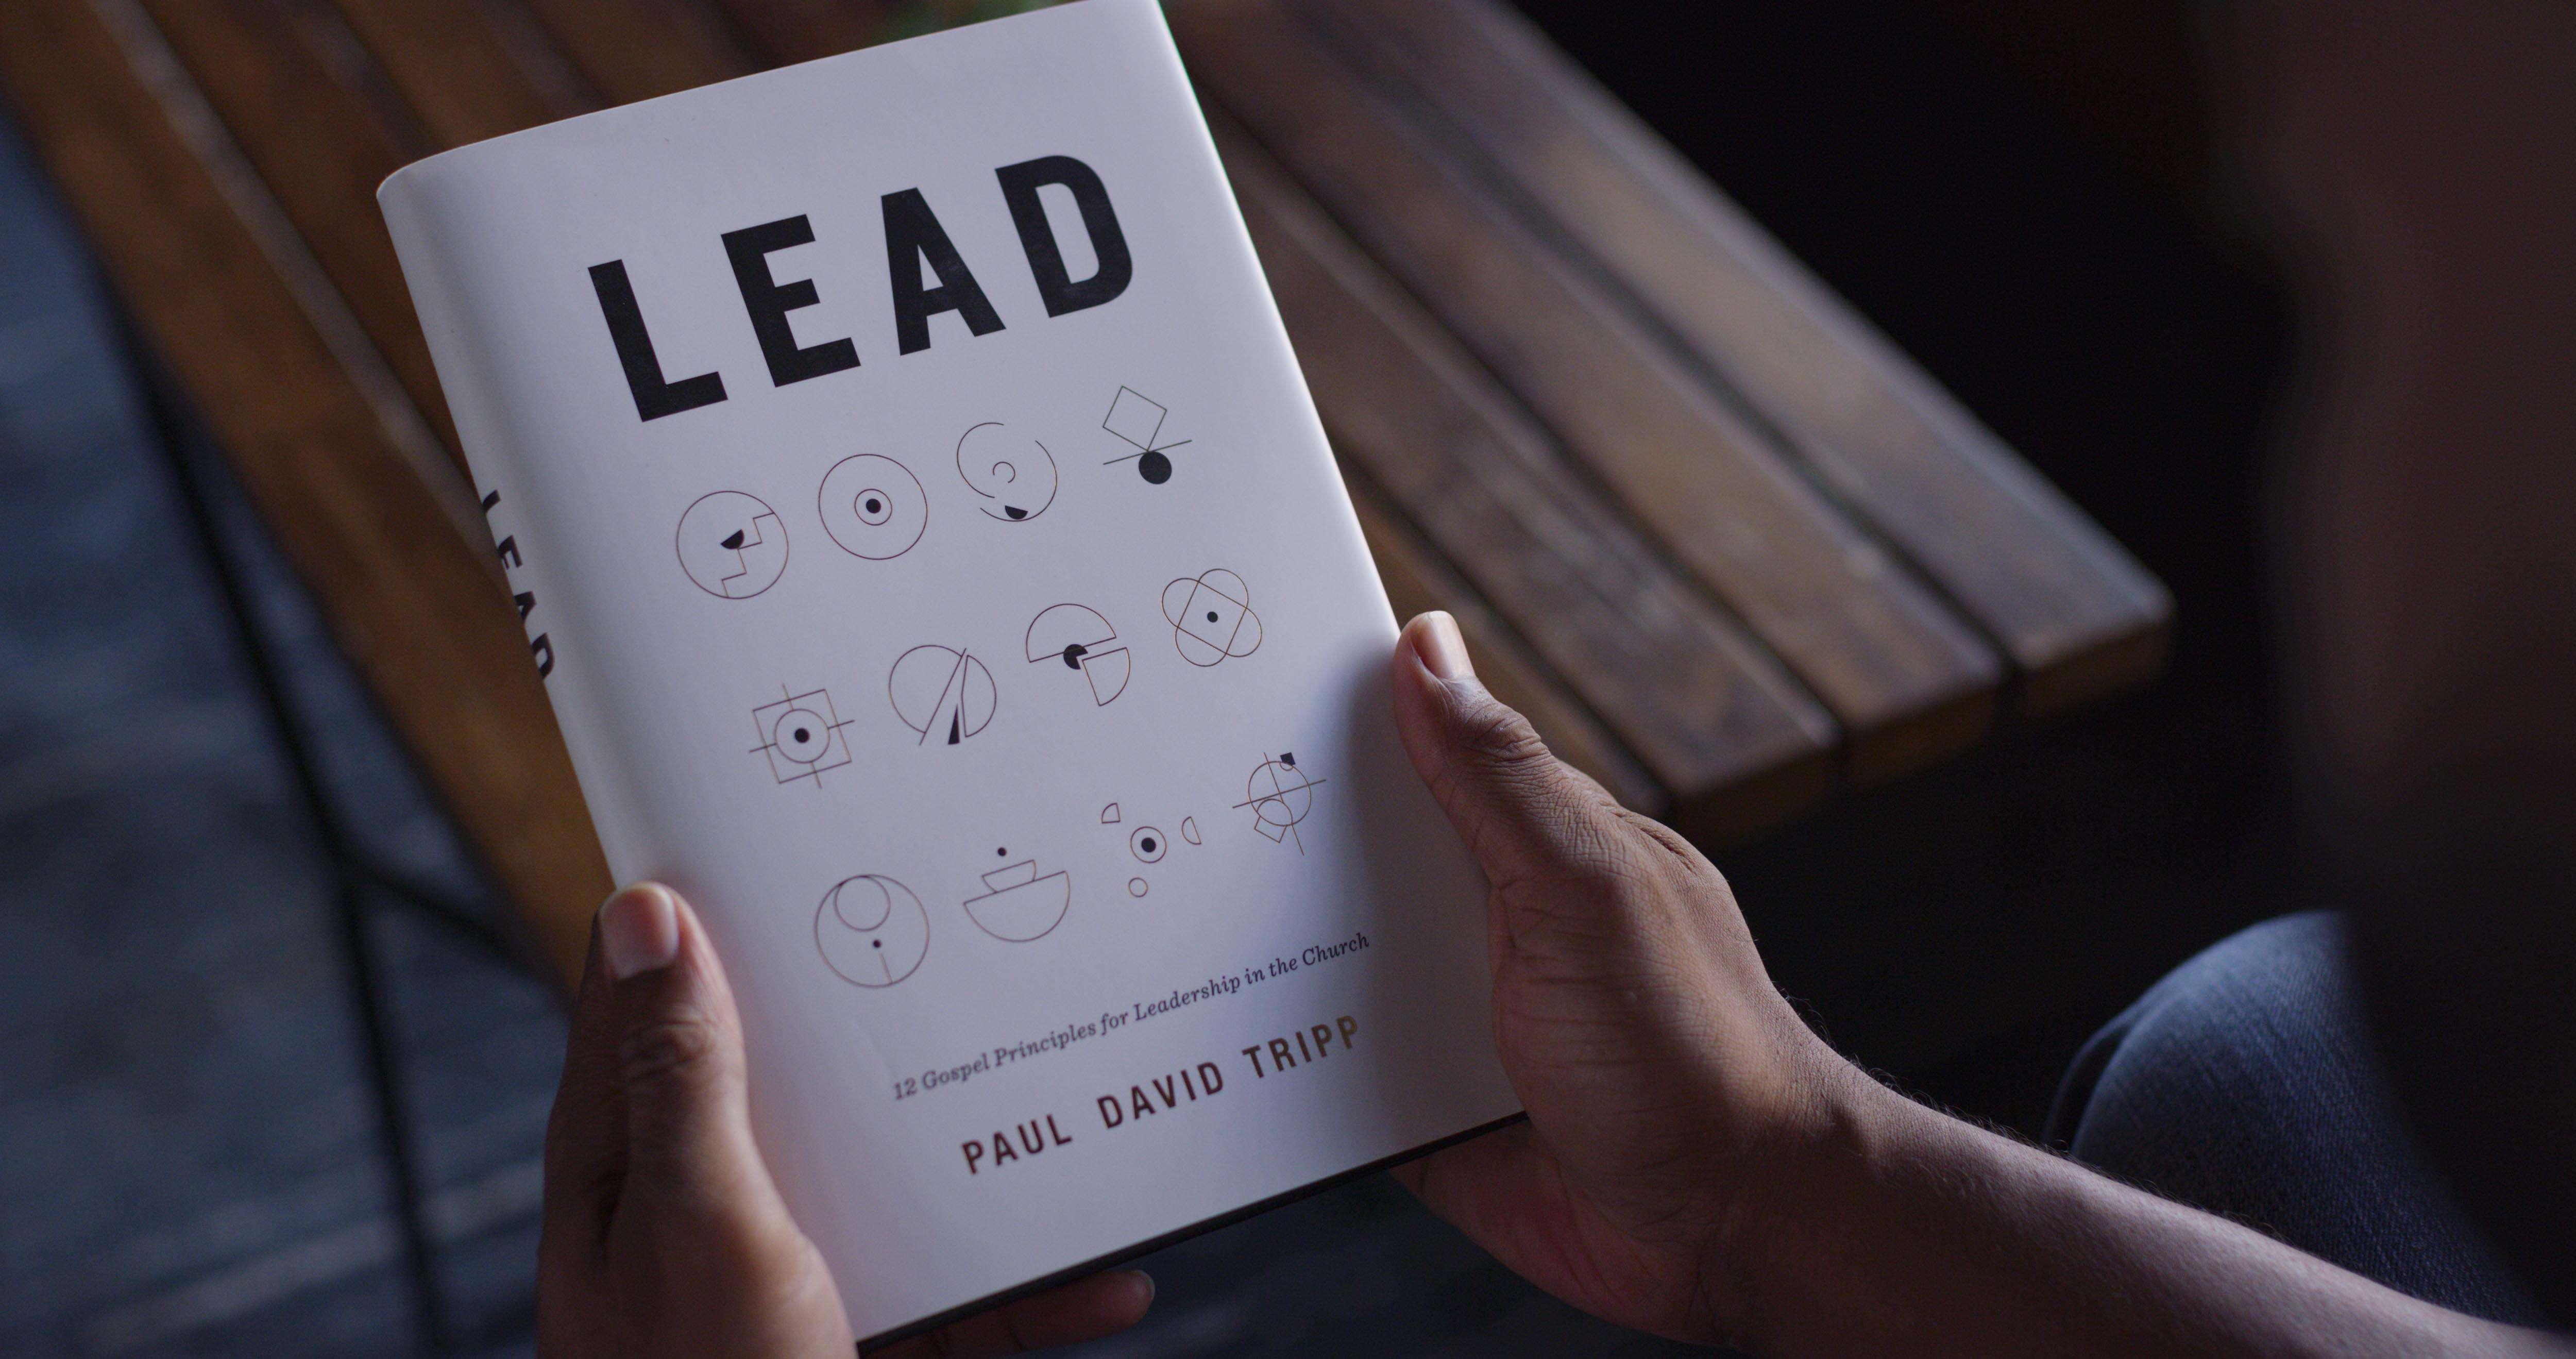 'Lead' by Paul David Tripp